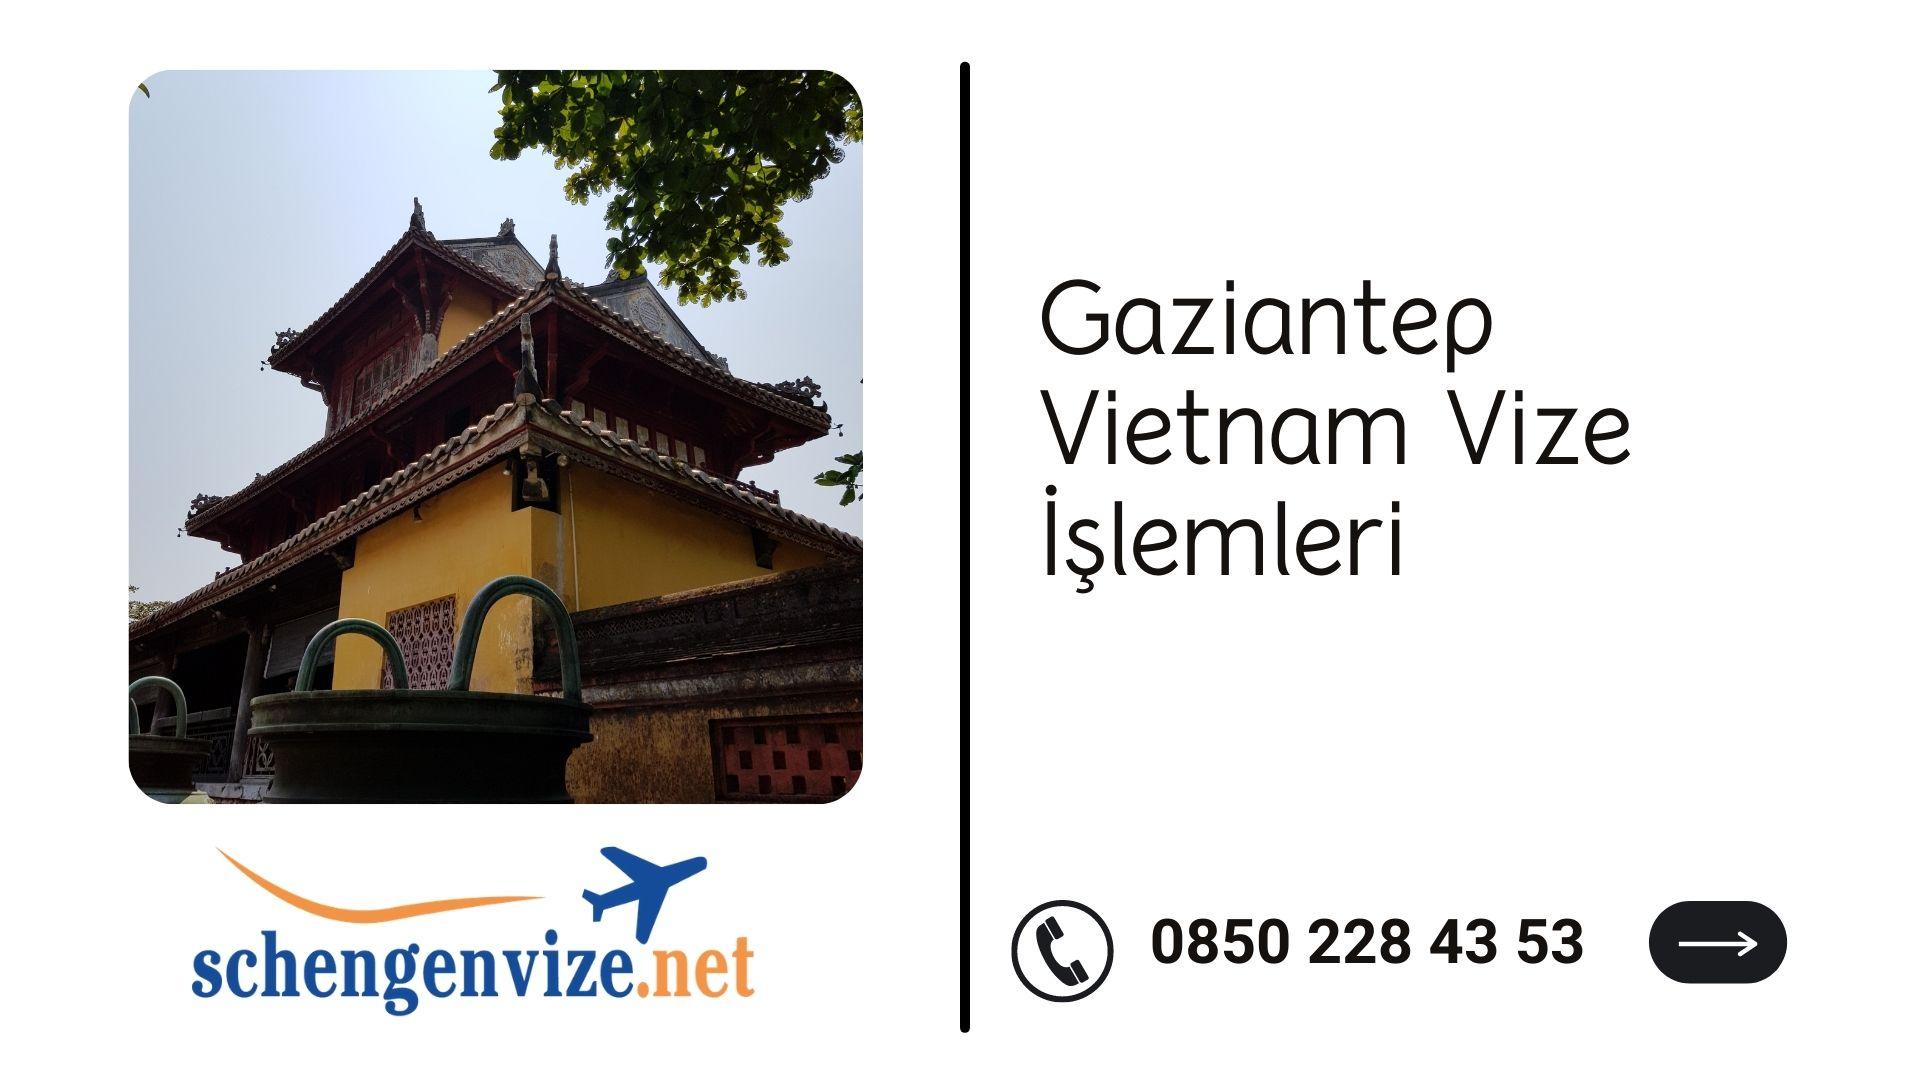 Gaziantep Vietnam Vize İşlemleri